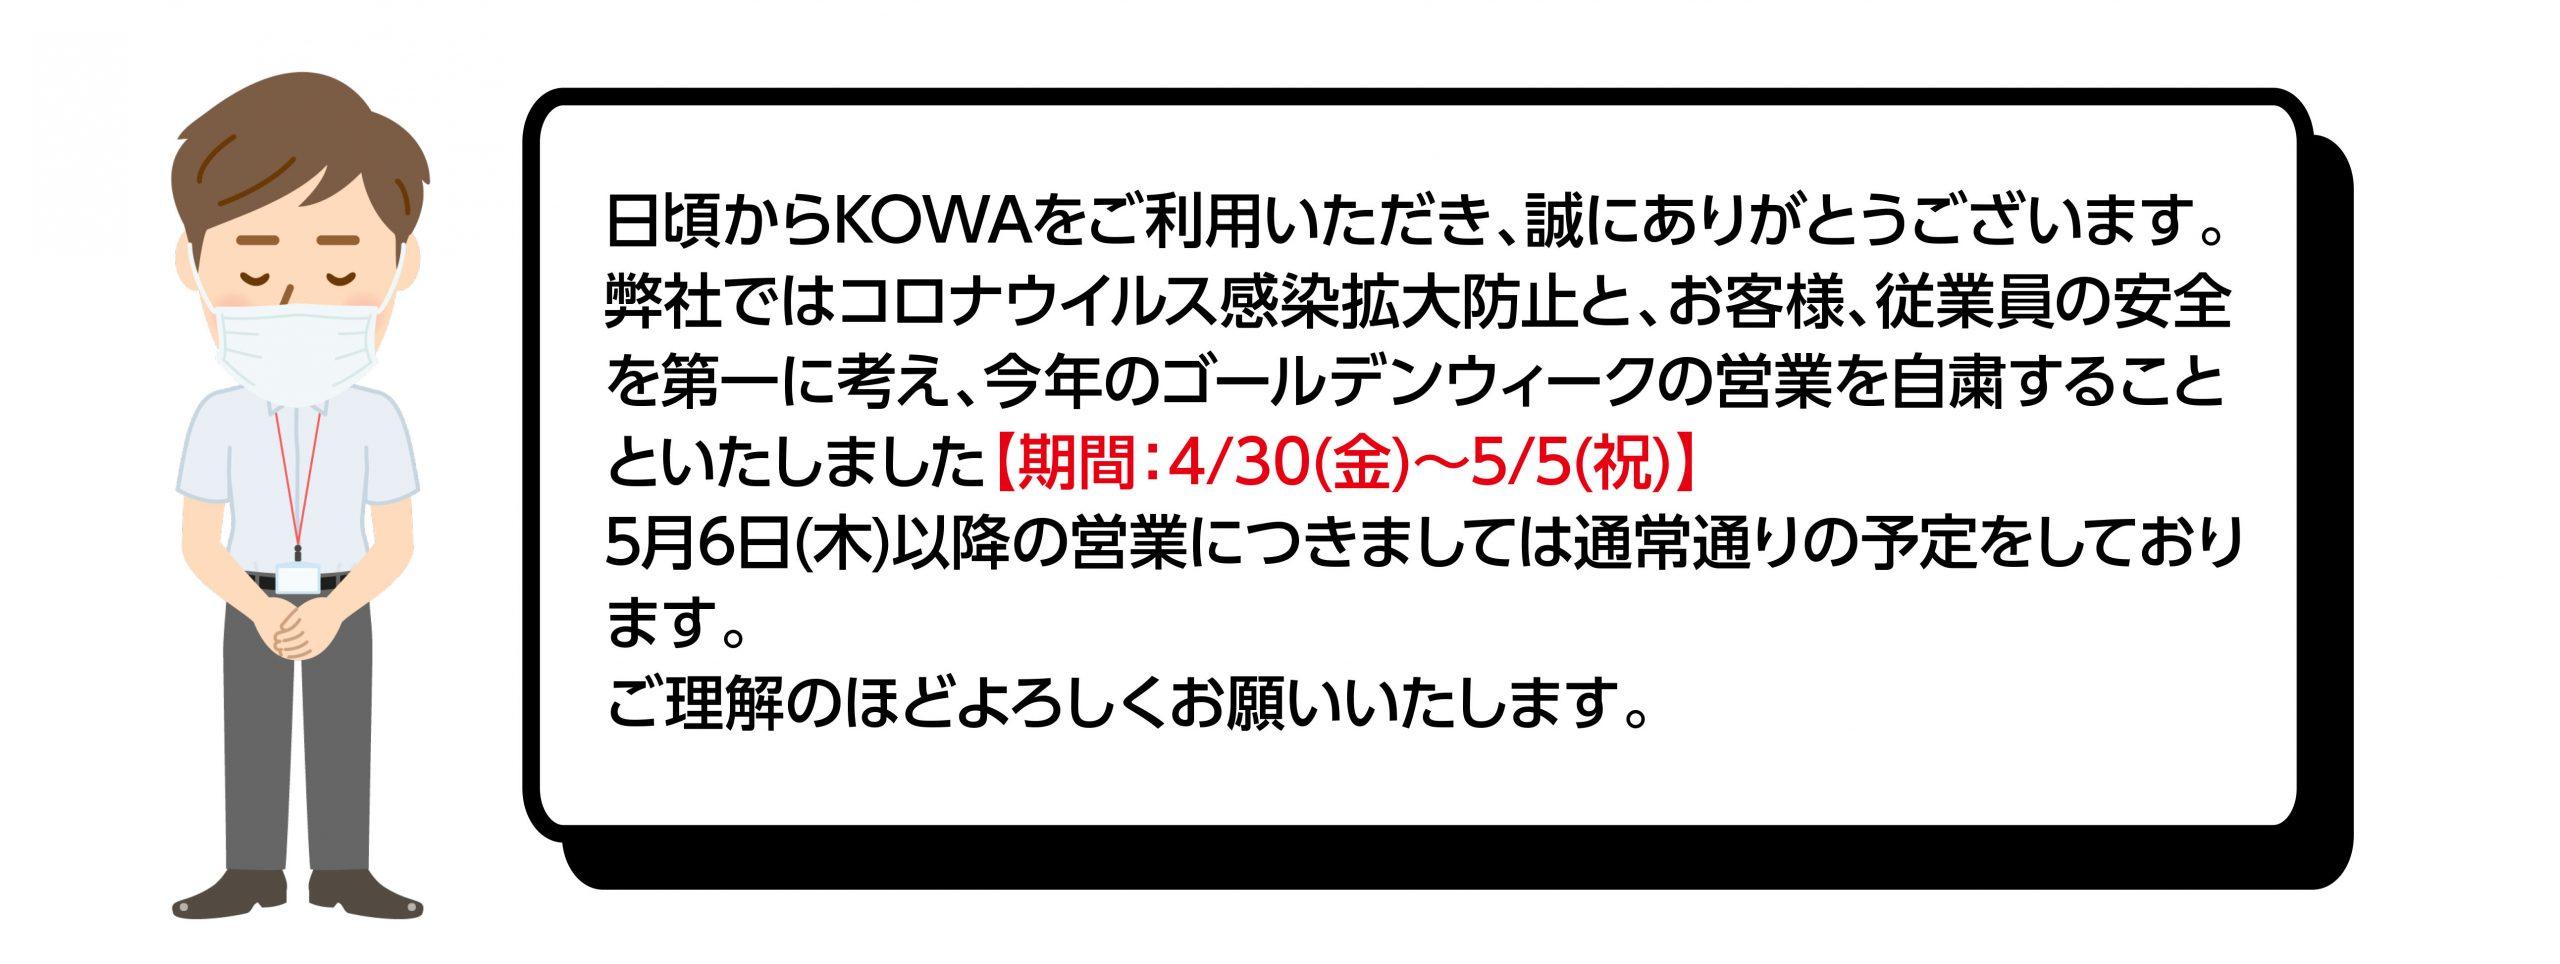 GWの営業自粛とGW明けにフェア開催!!